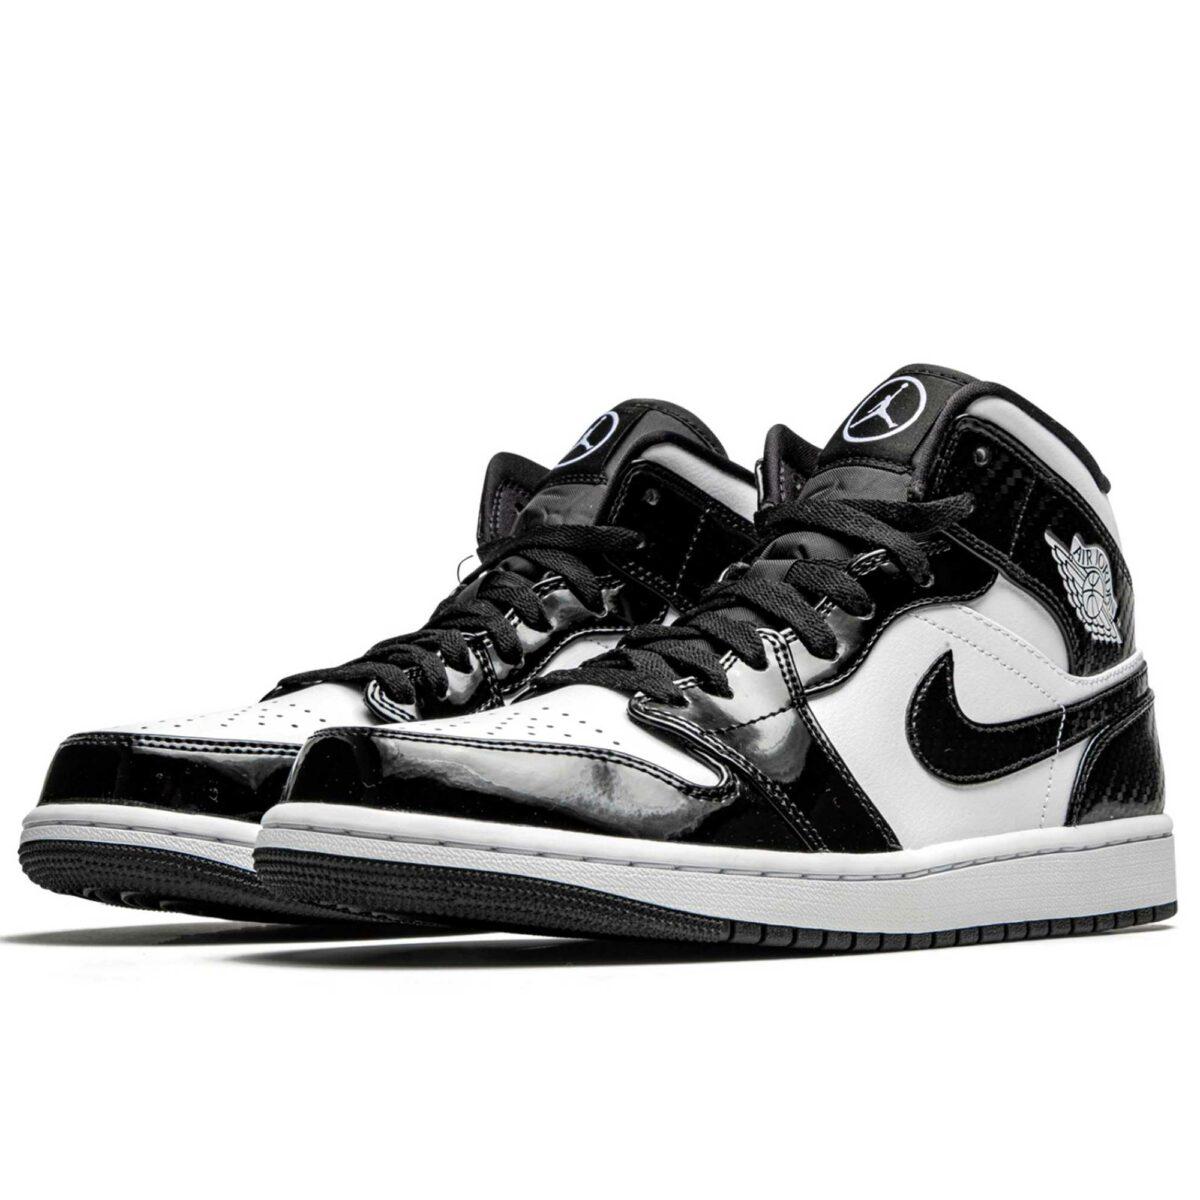 nike air Jordan 1 mid all star 2021 DD1649_001 выберите ваш размер купить